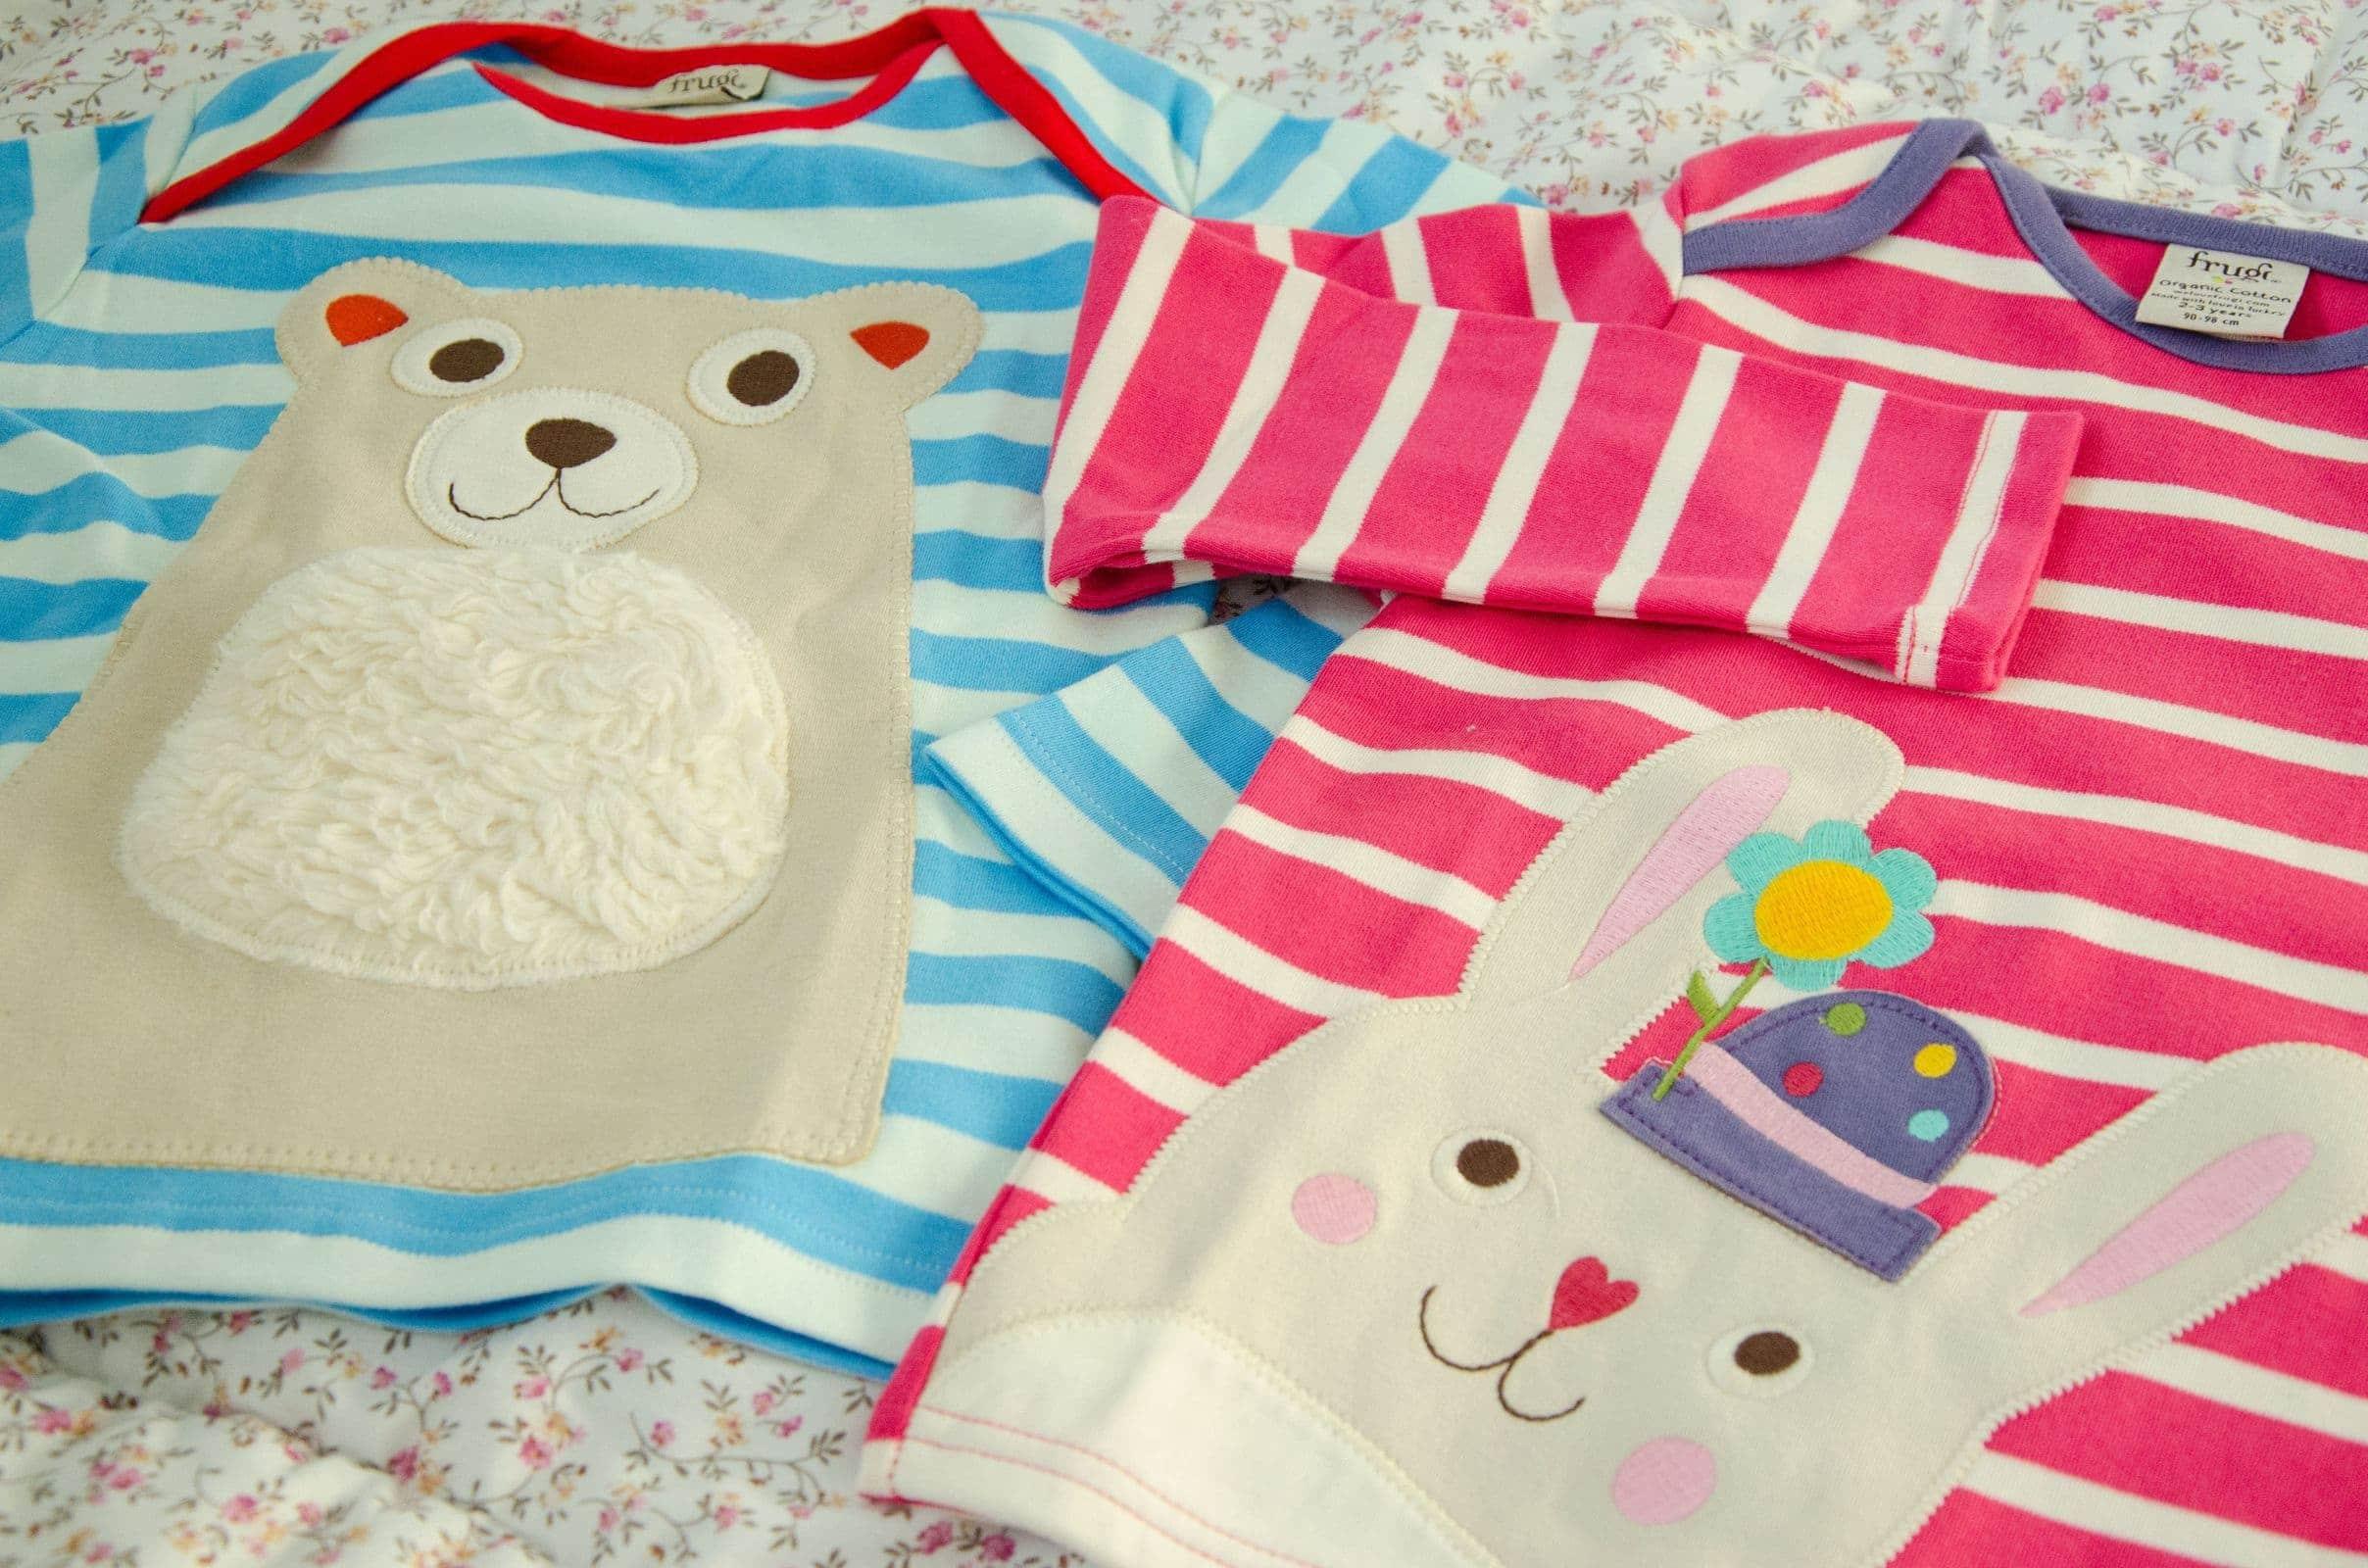 lieb zwei mode und geschenkideen f r zwillinge kids fashion baby kind und meer. Black Bedroom Furniture Sets. Home Design Ideas